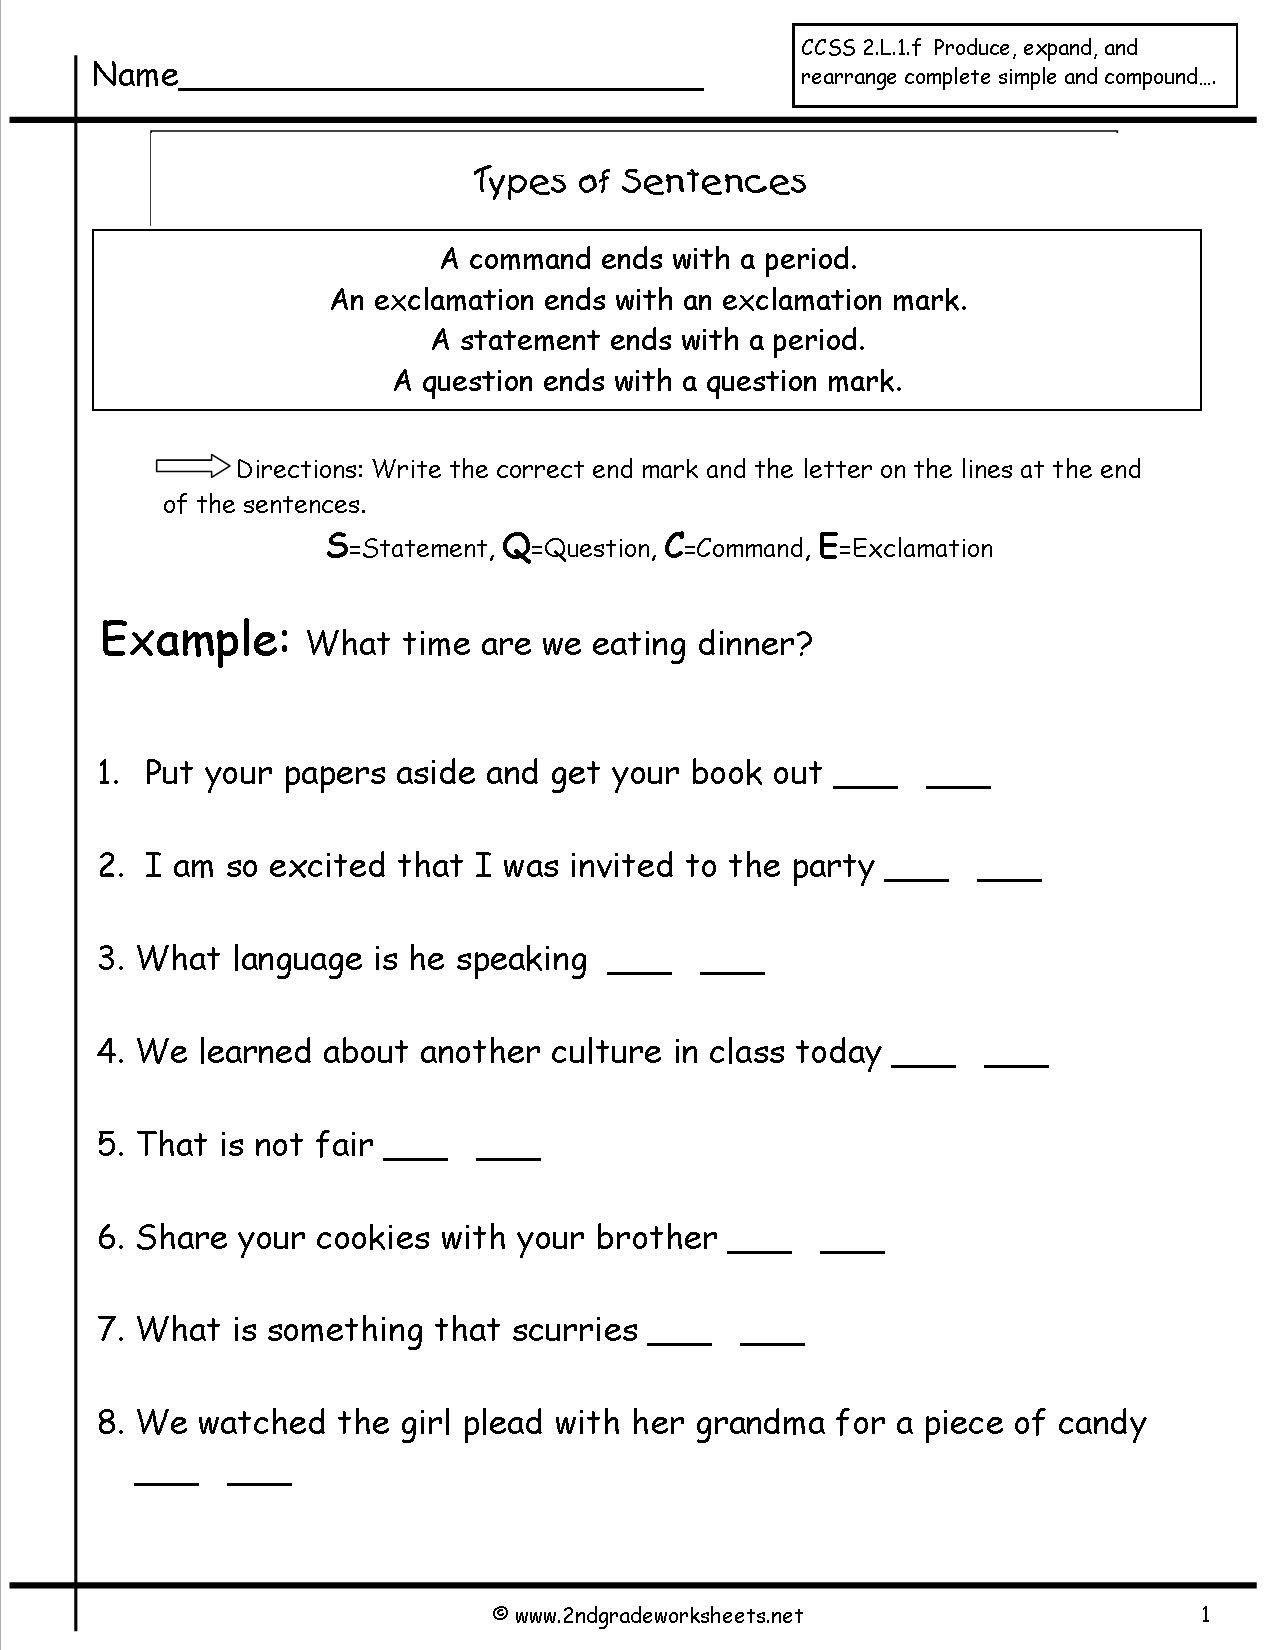 Sentence Correction Worksheets 3rd Grade Second Grade Sentences Worksheets Ccss 4t In 2020 Types Of Sentences Worksheet Types Of Sentences Complex Sentences Worksheets